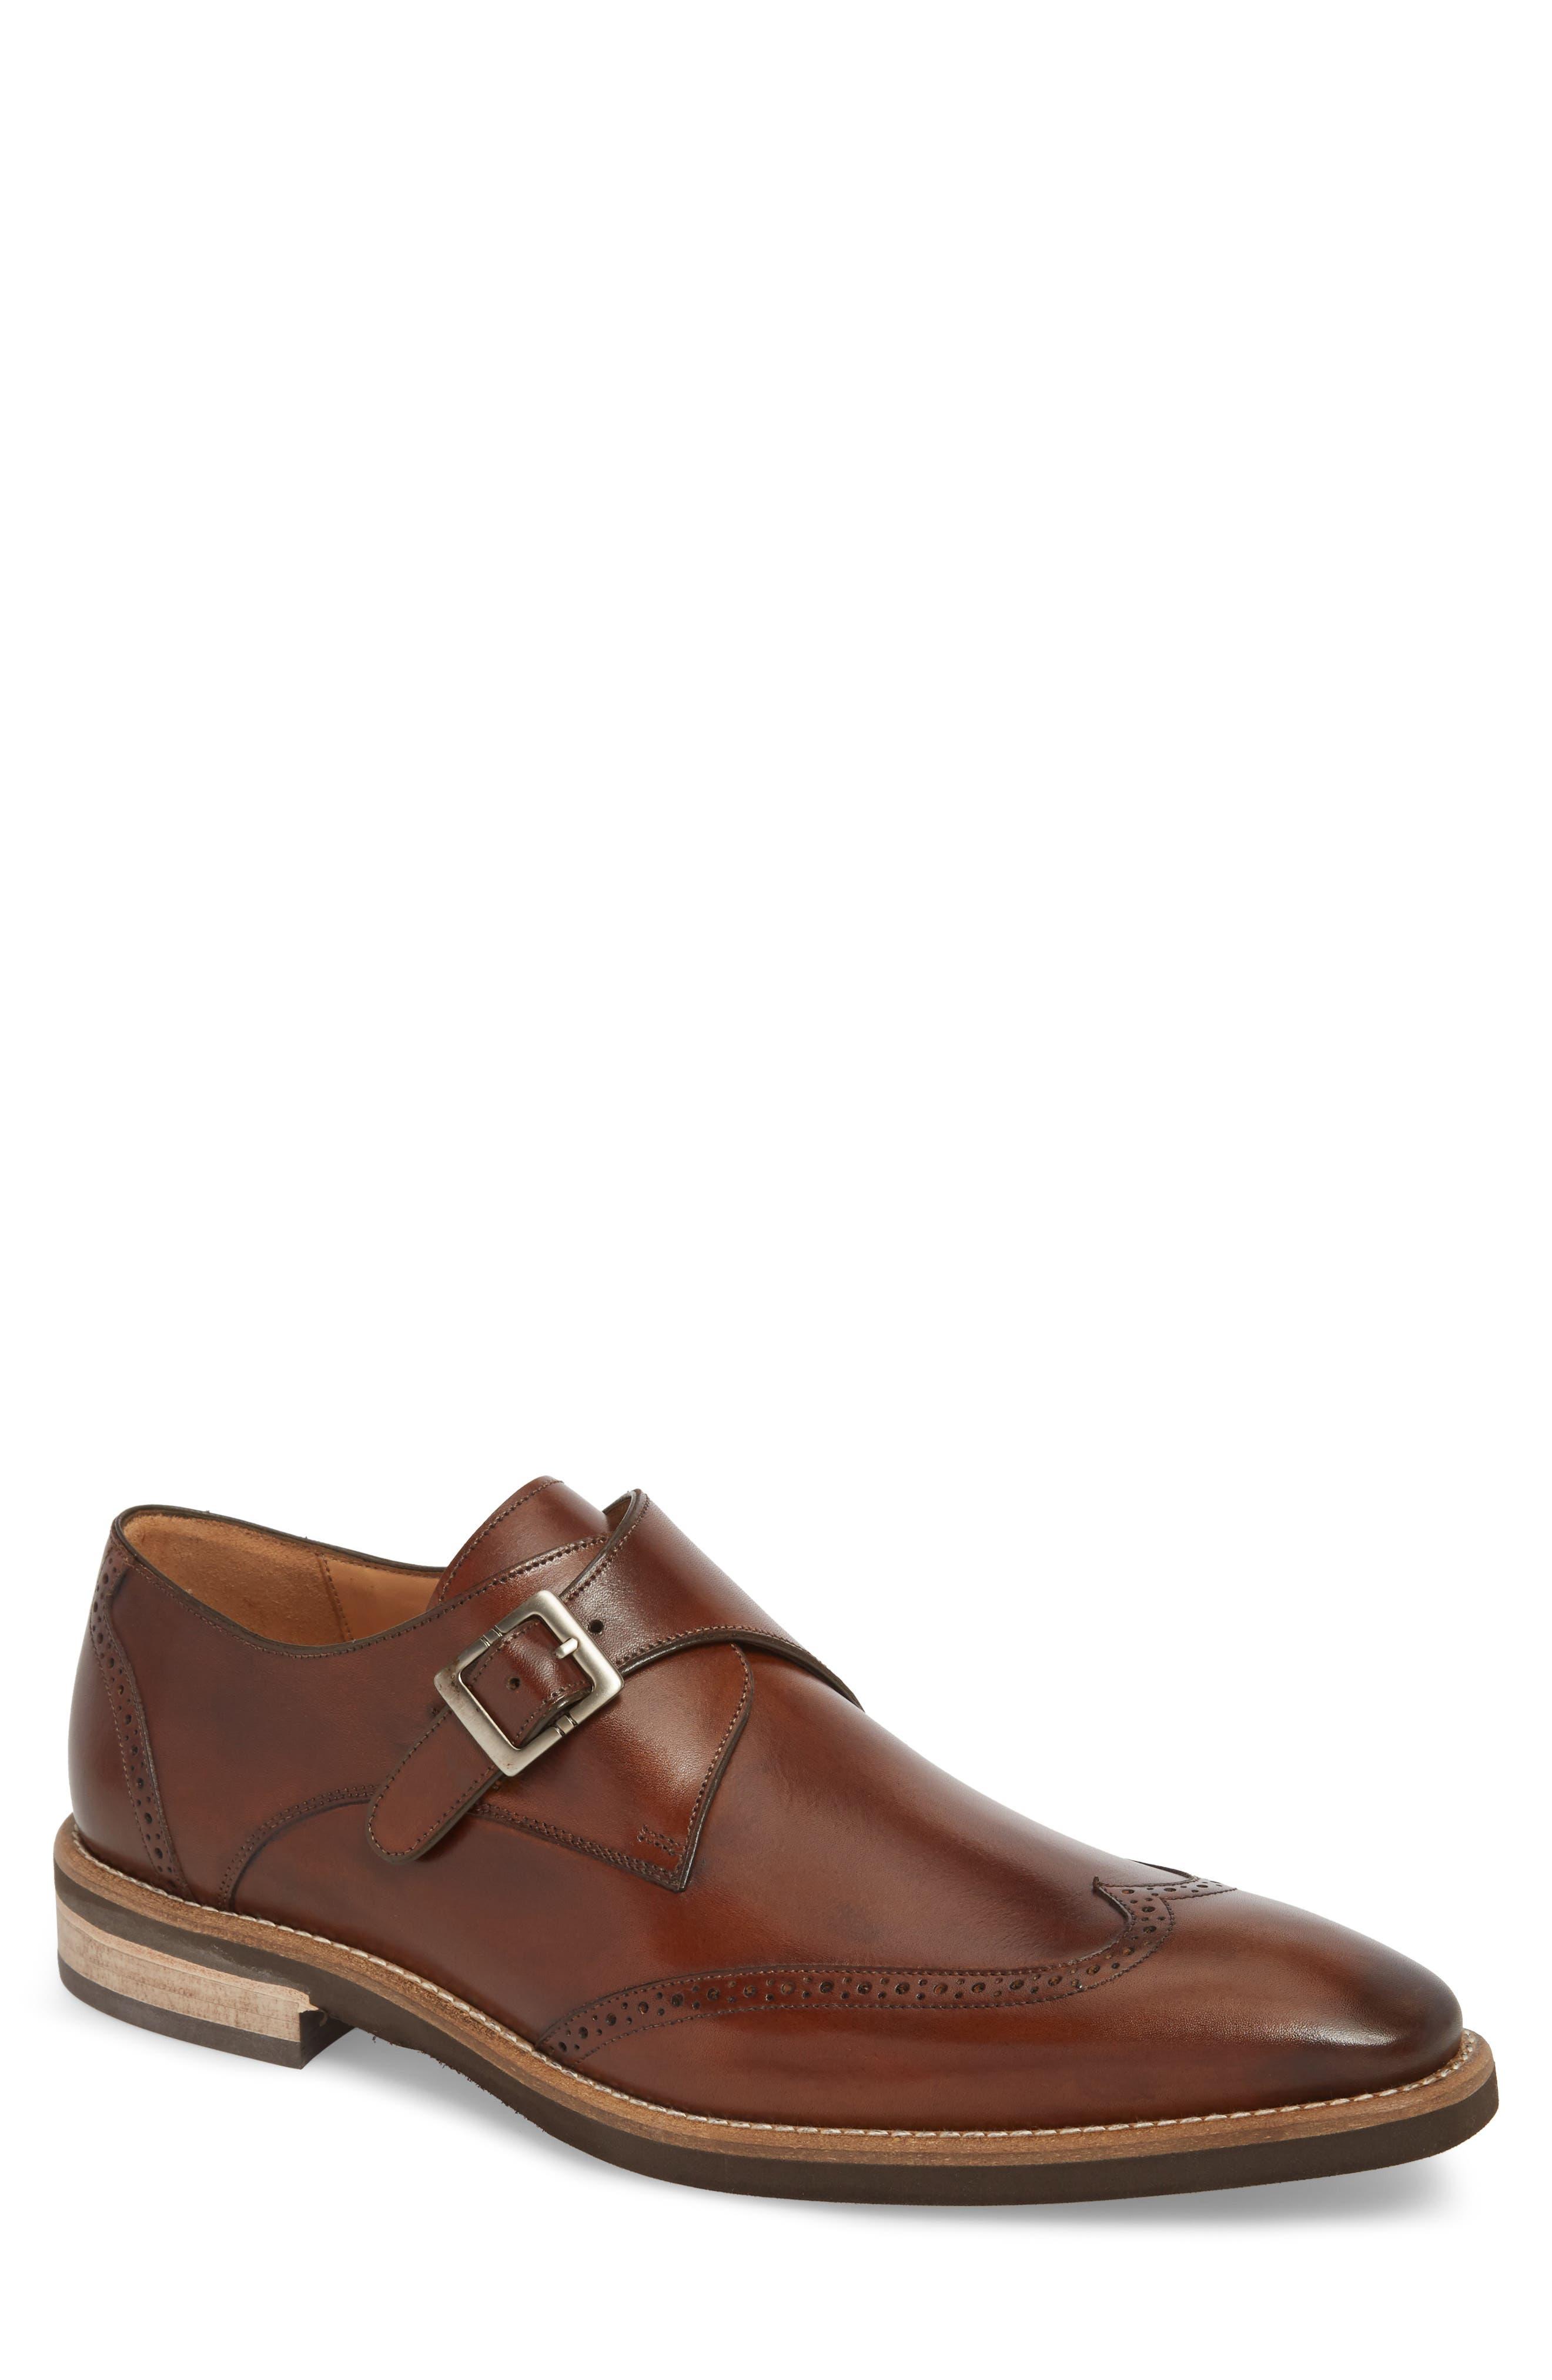 Feresta Wingtip Monk Shoe,                         Main,                         color, COGNAC